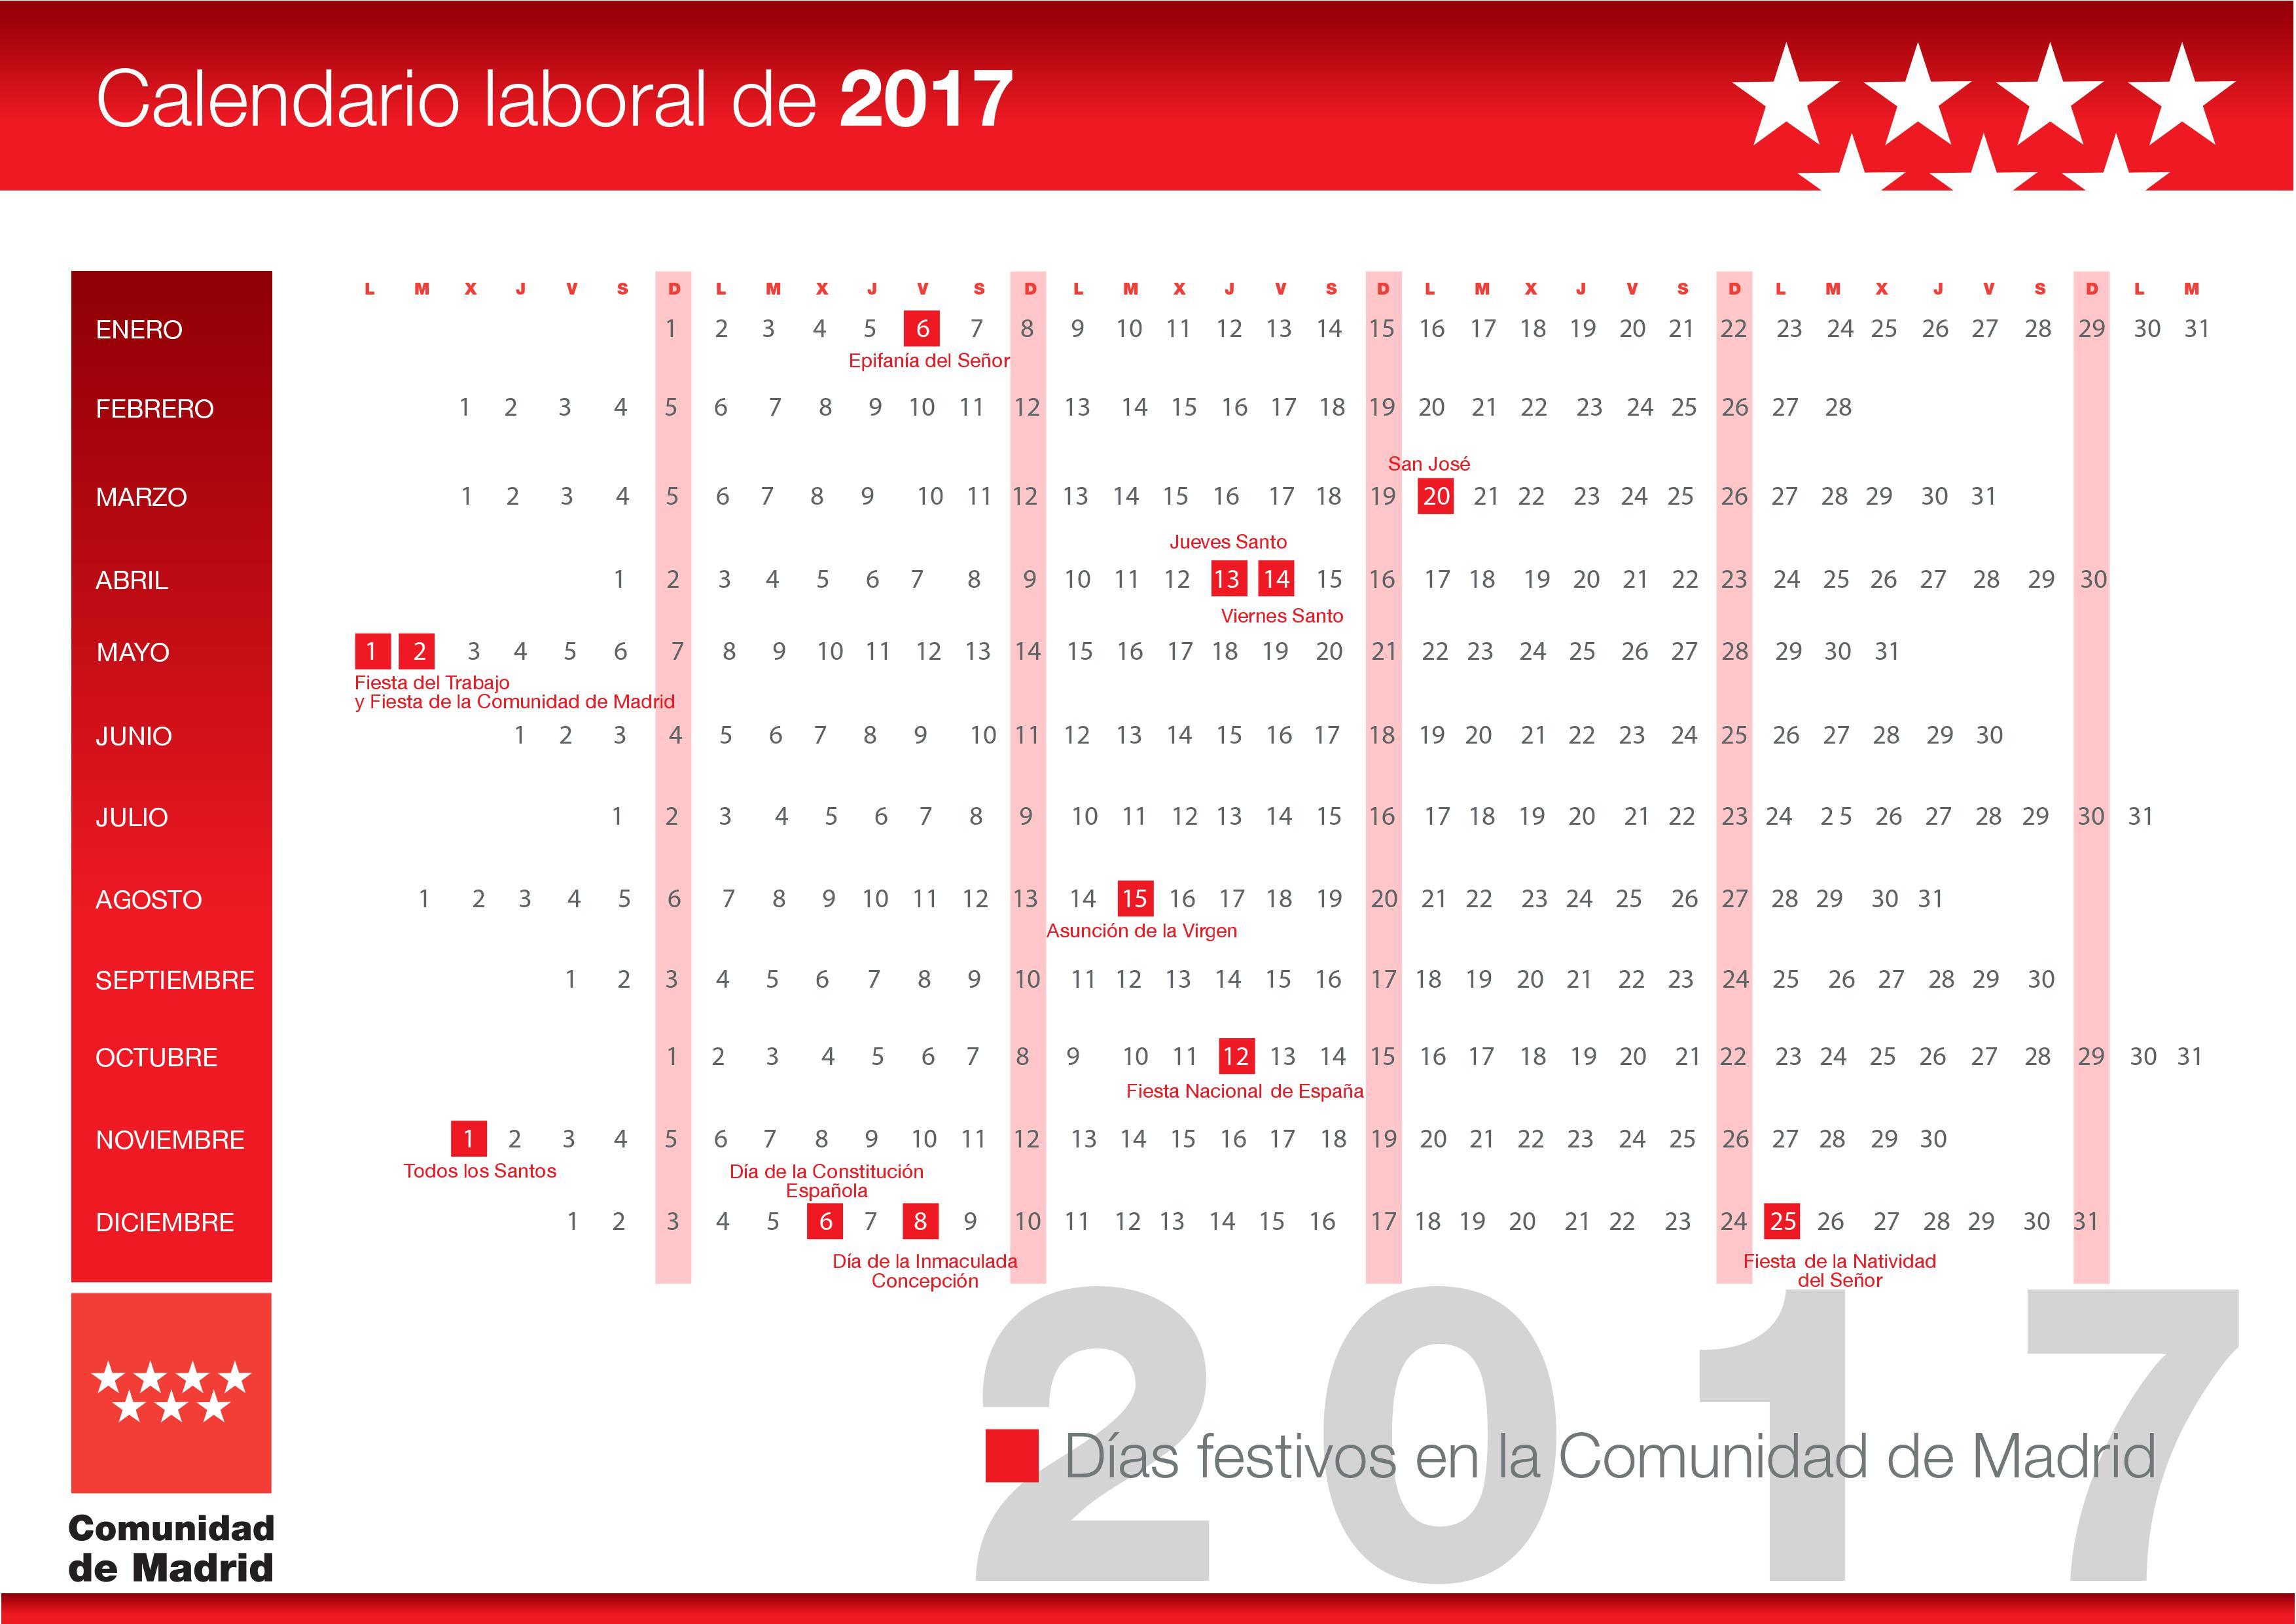 Calendario Del Madrid.Calendario Laboral Comunidad De Madrid 2017 Area Laboral